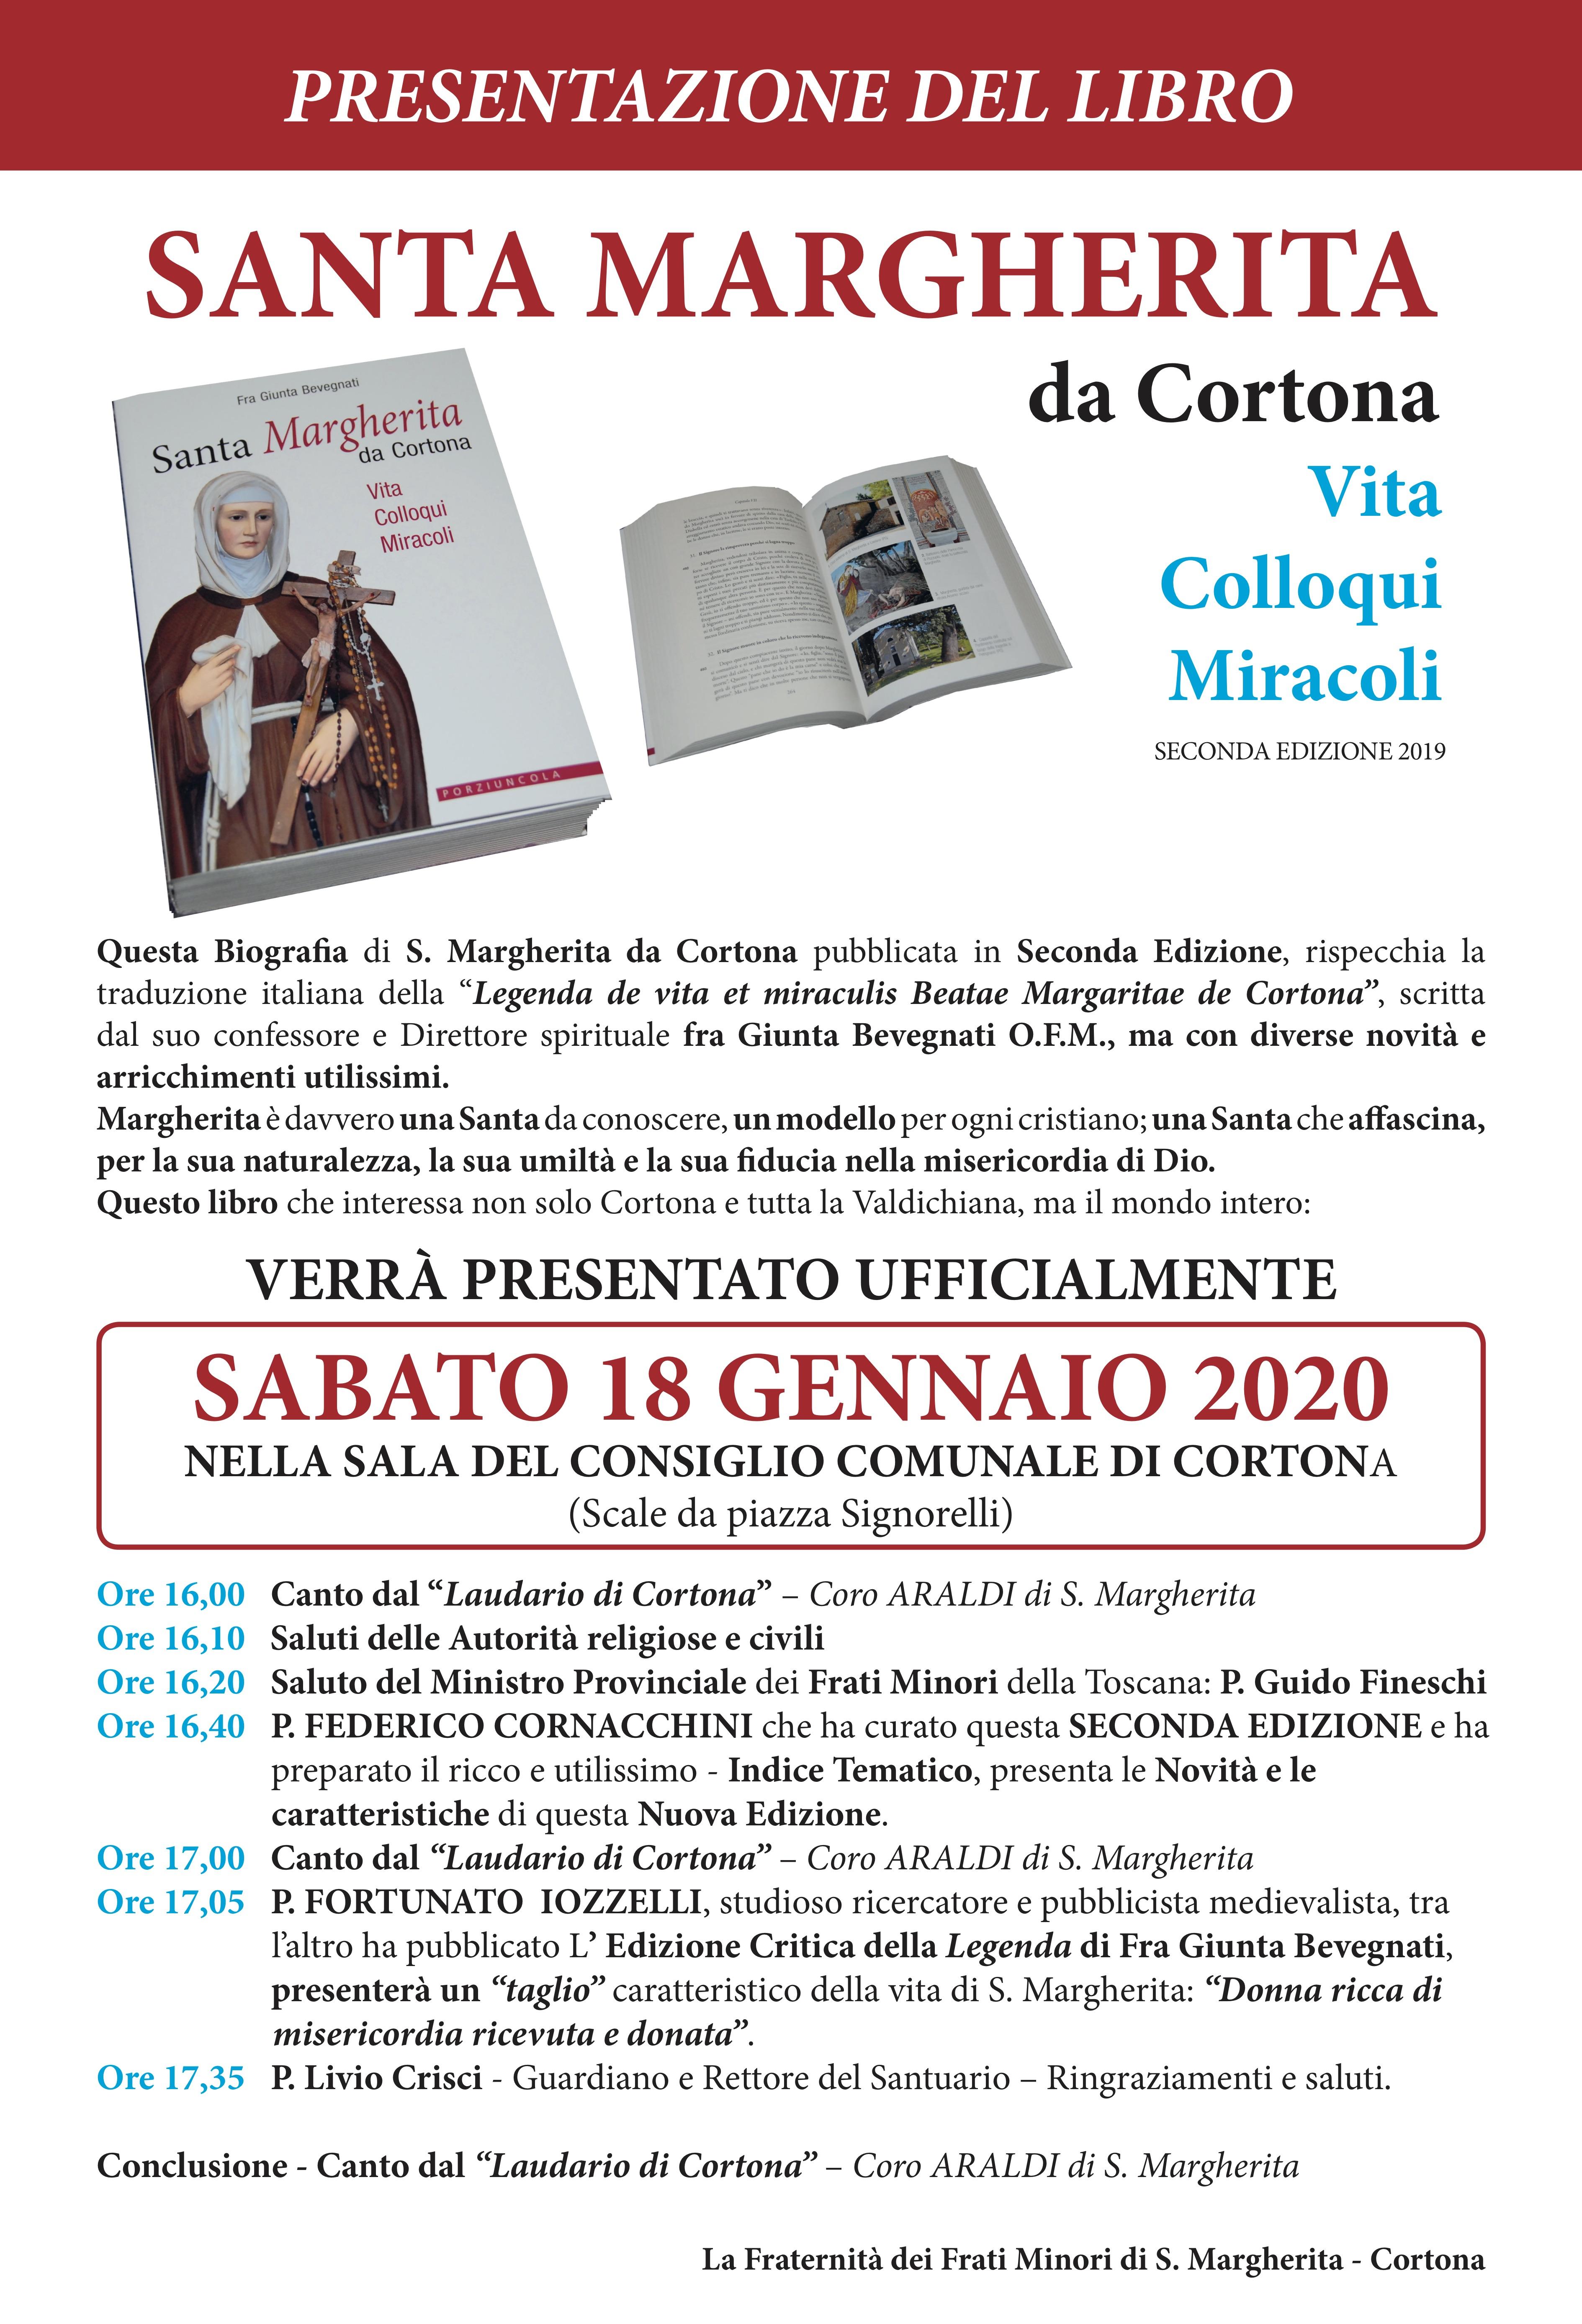 Santa Margherita da Cortona, Vita Colloqui Miracoli - Presentazione del libro